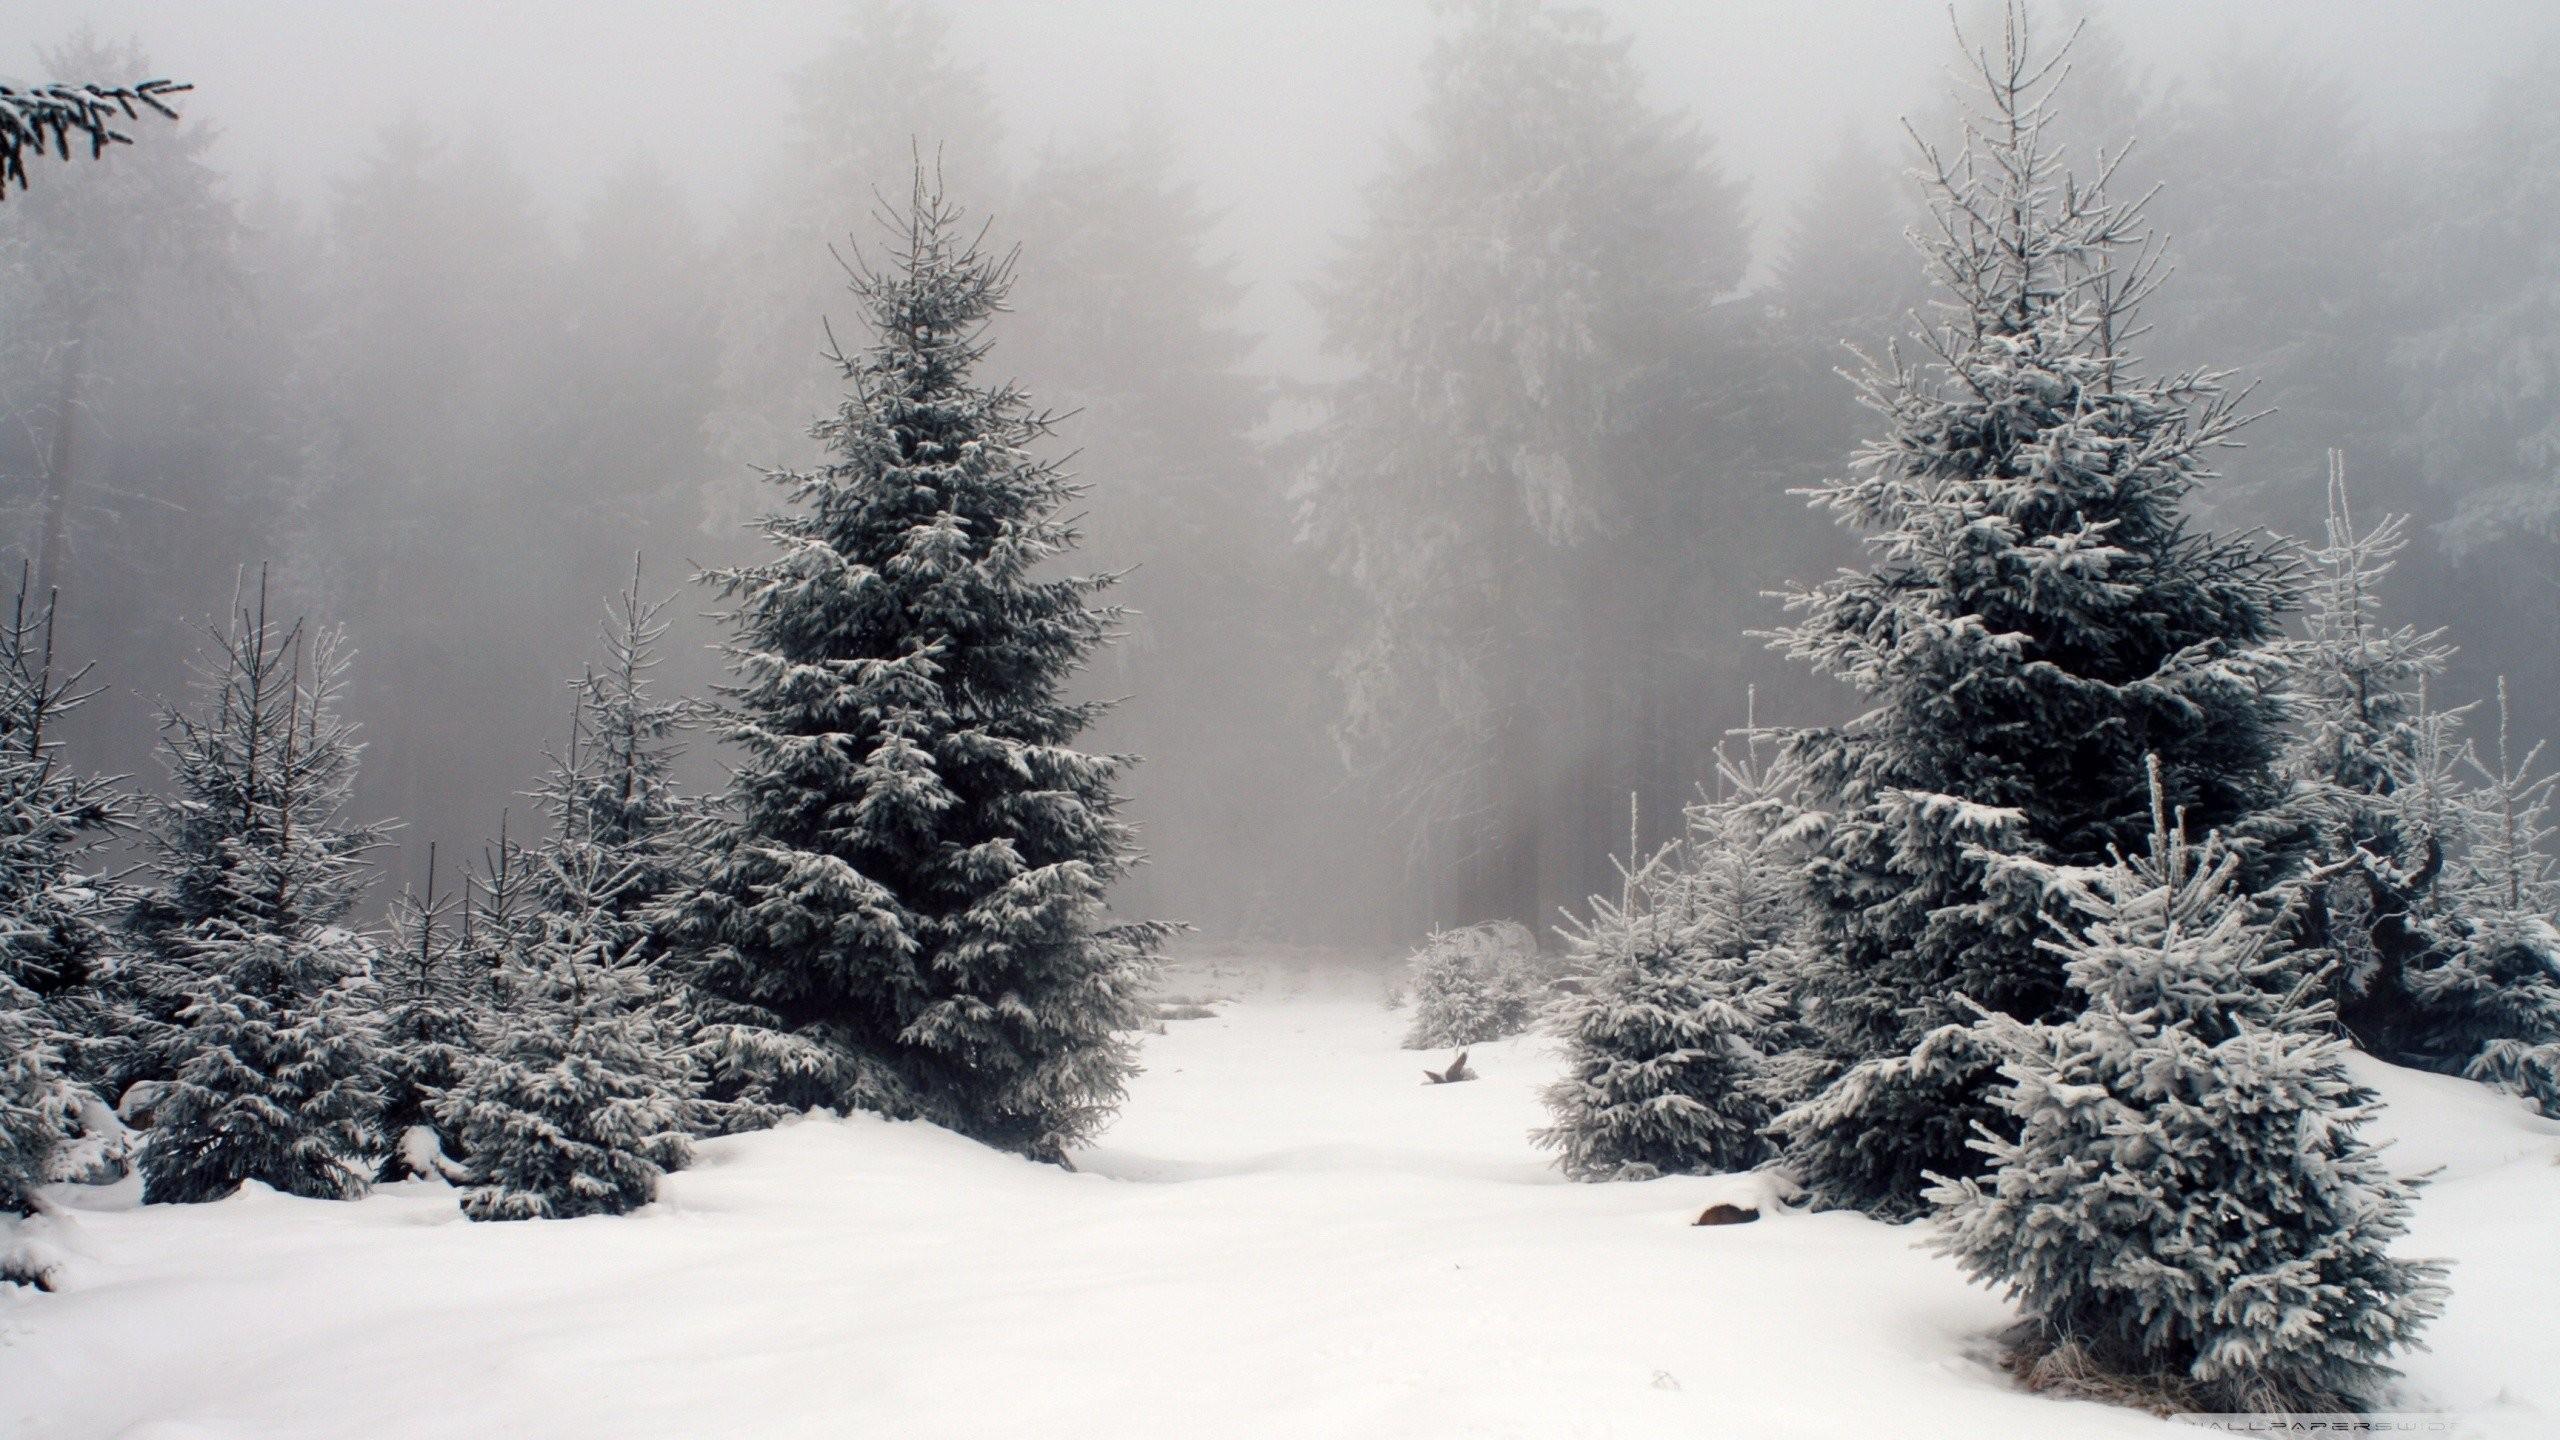 Snow On Fir Trees wallpaper | Lovely christmas glitteriness | Pinterest